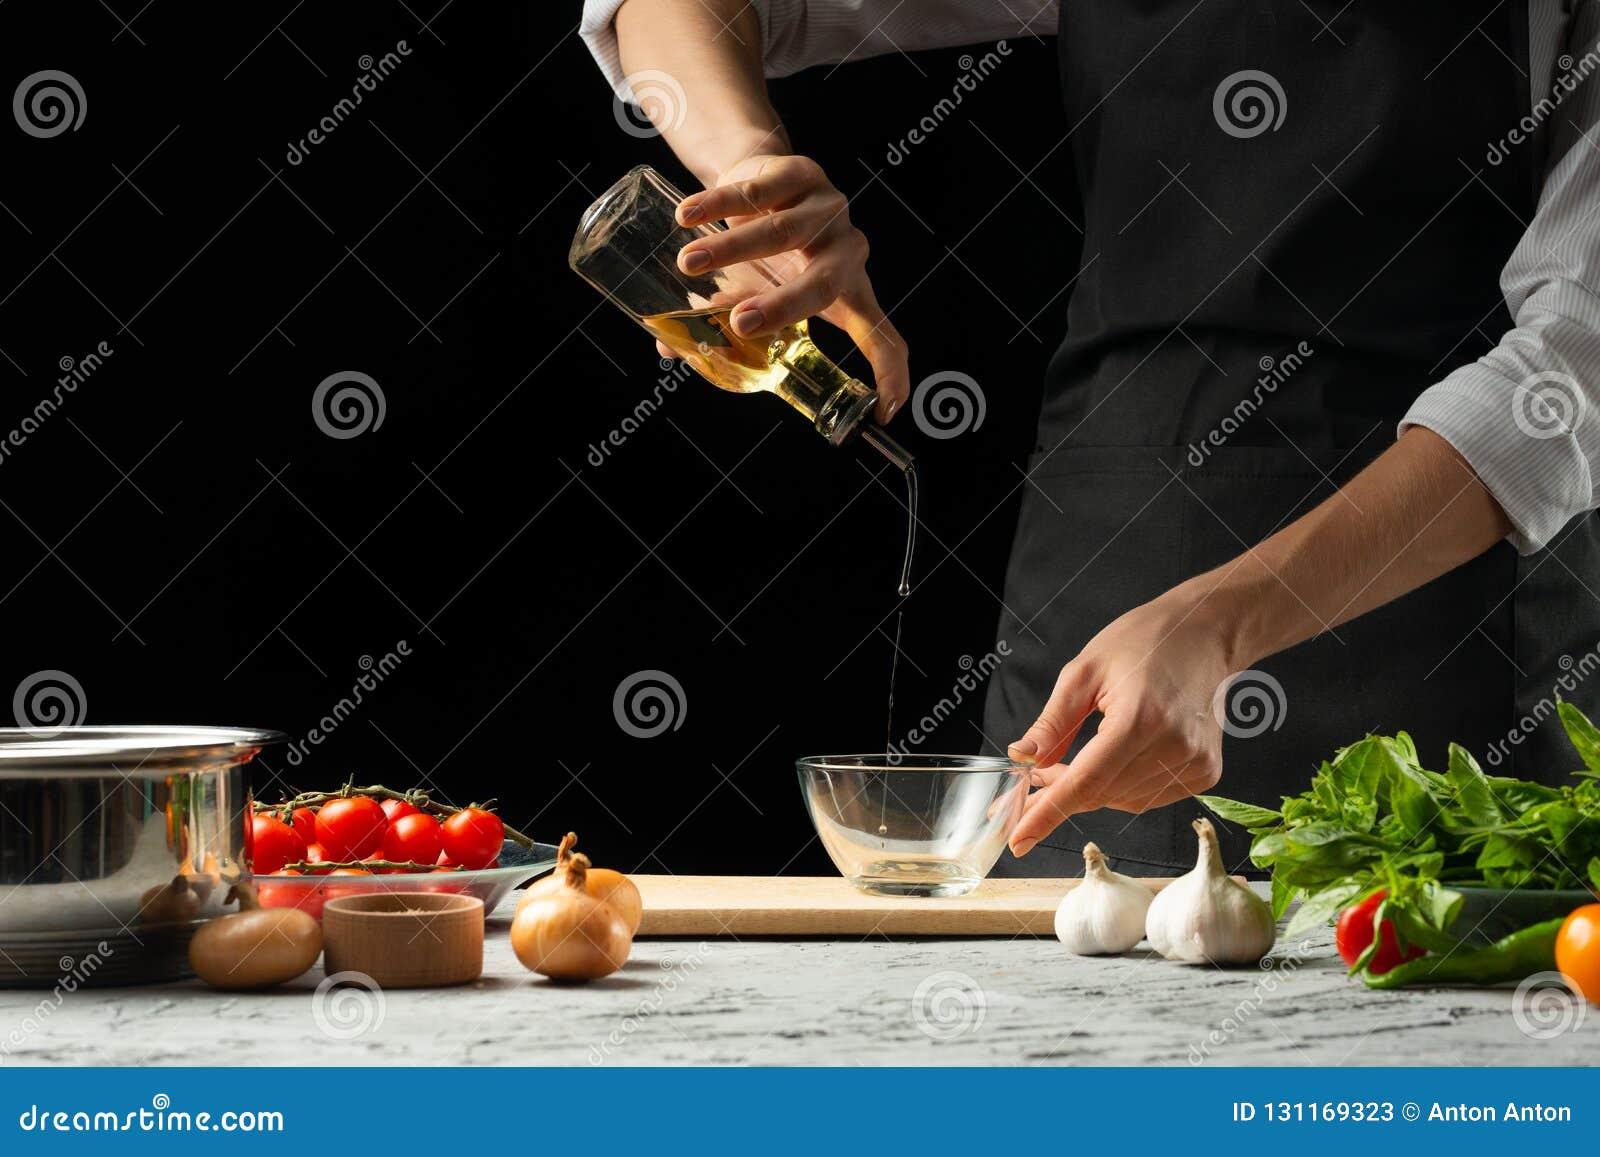 Feche o chef& x27; mãos de s, preparando um molho de tomate italiano para o macarrão Pizza O conceito da receita de cozimento ita